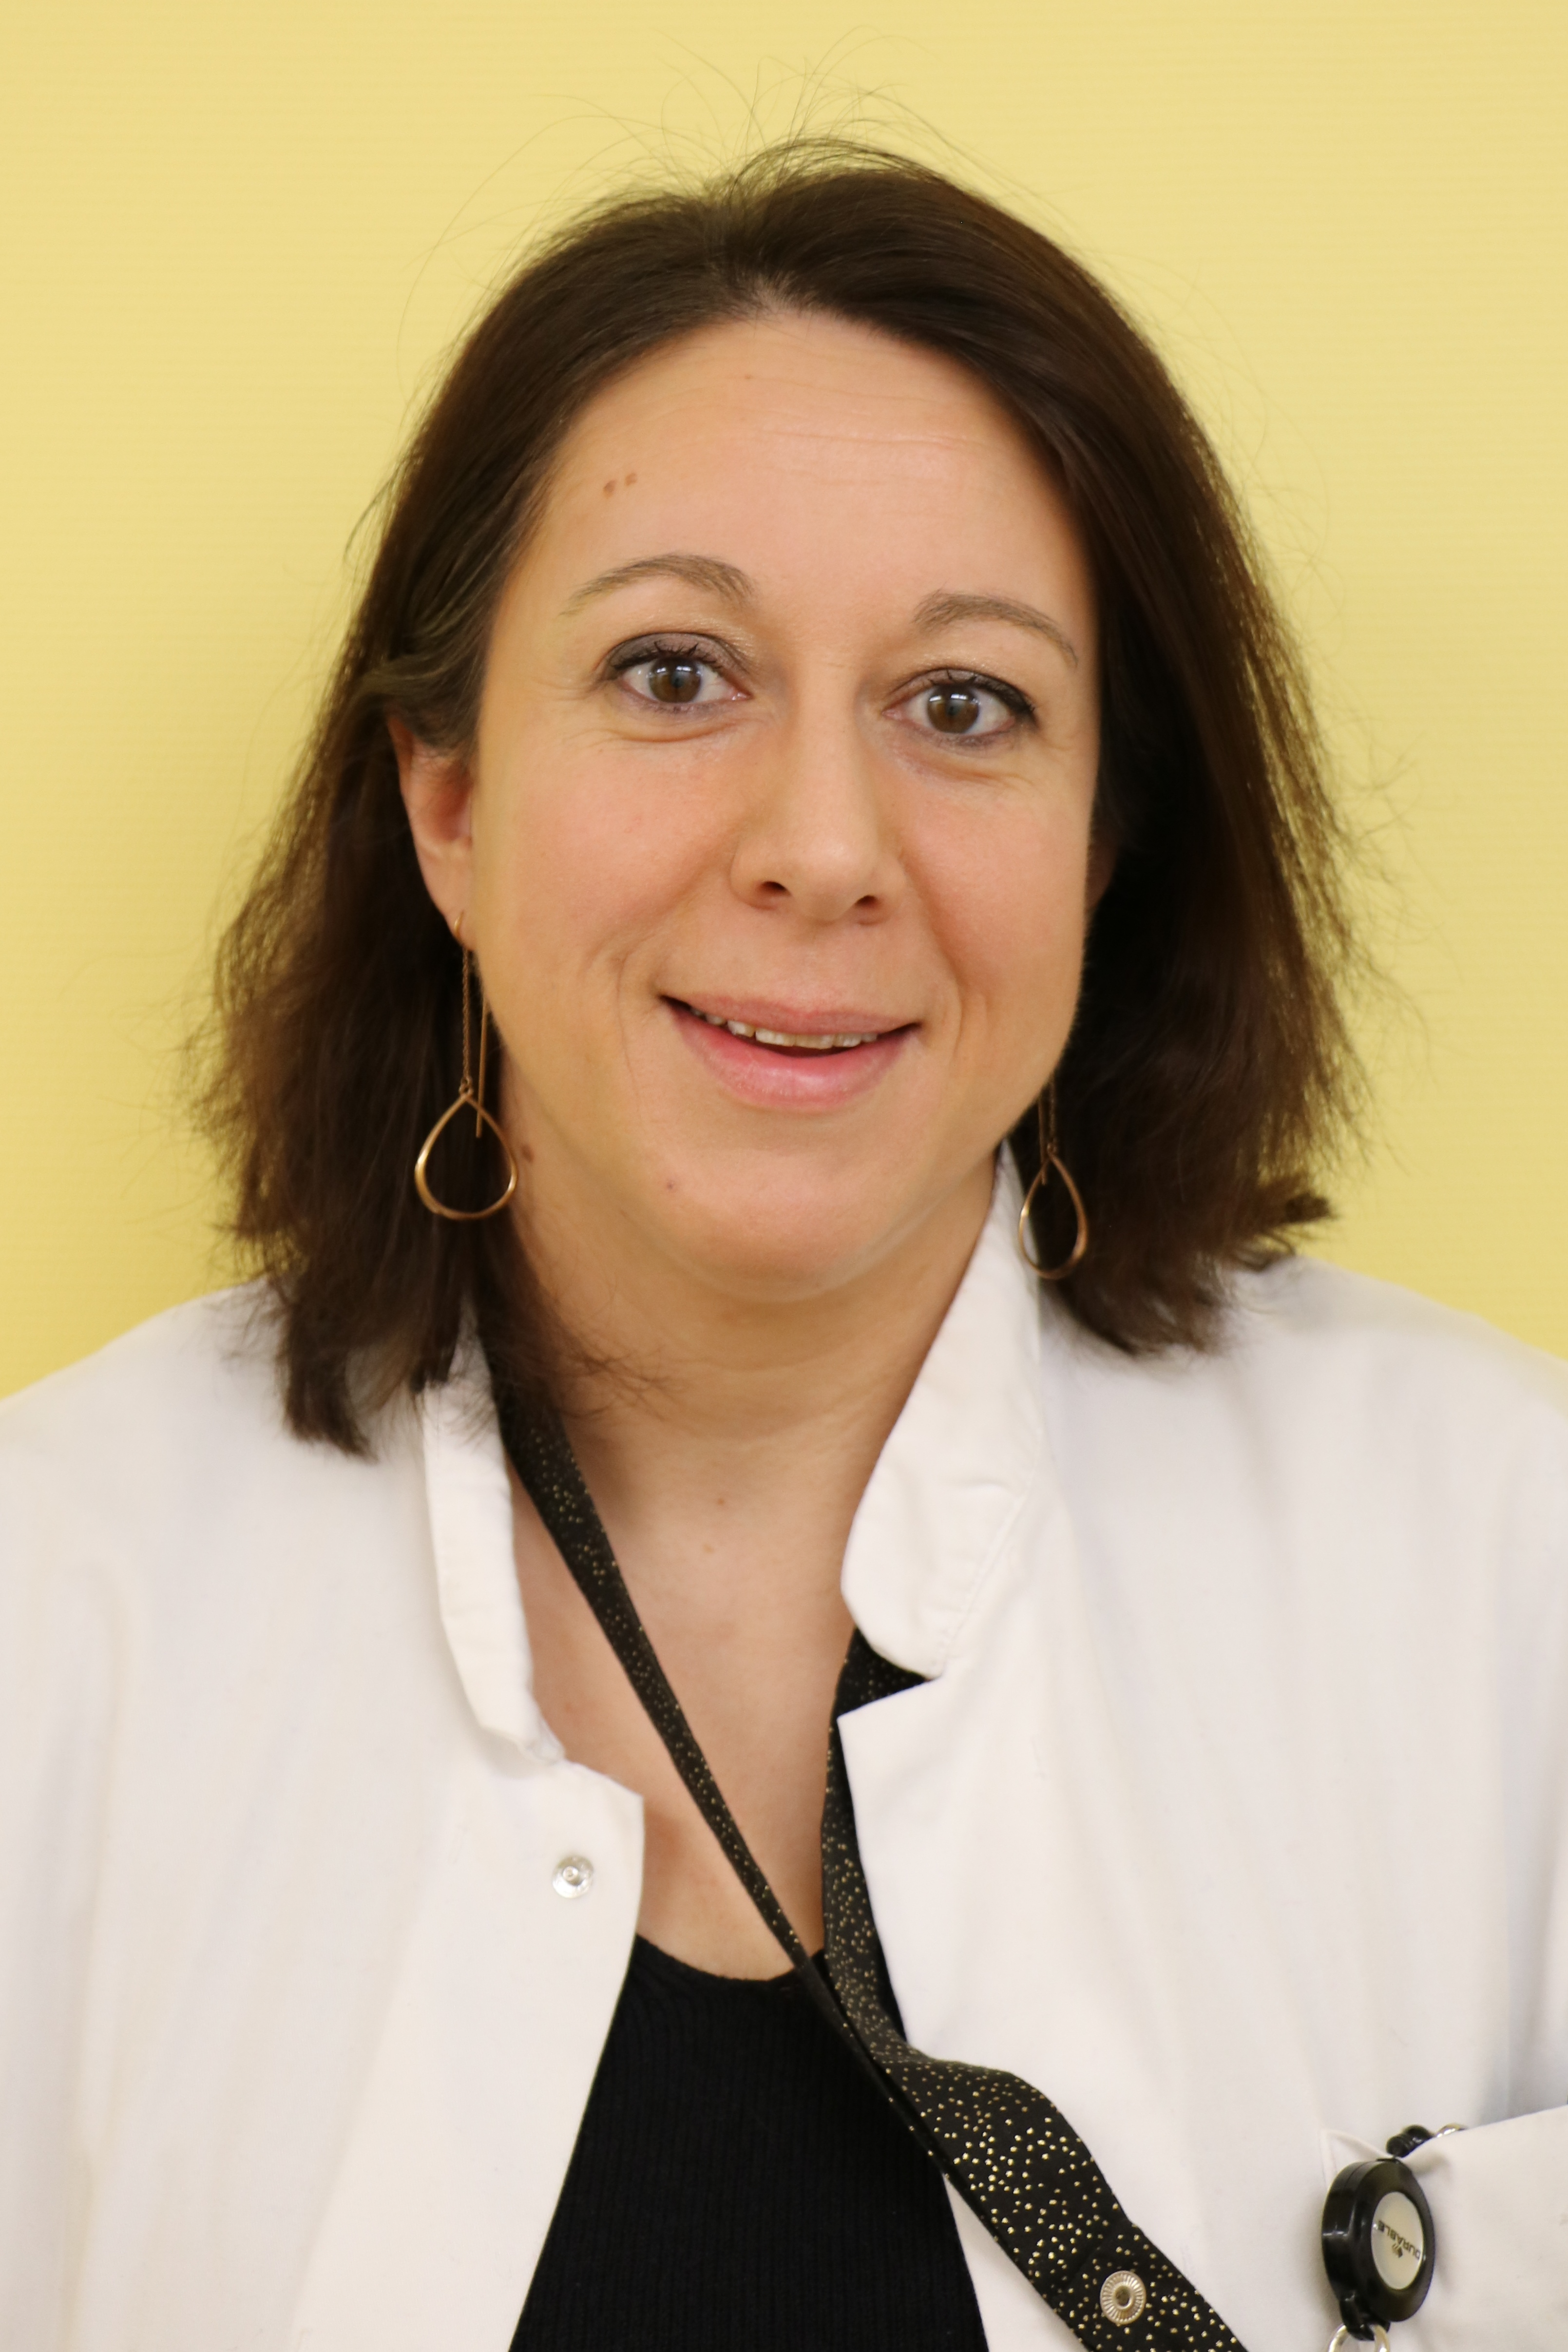 Dr Aurore LAFORET